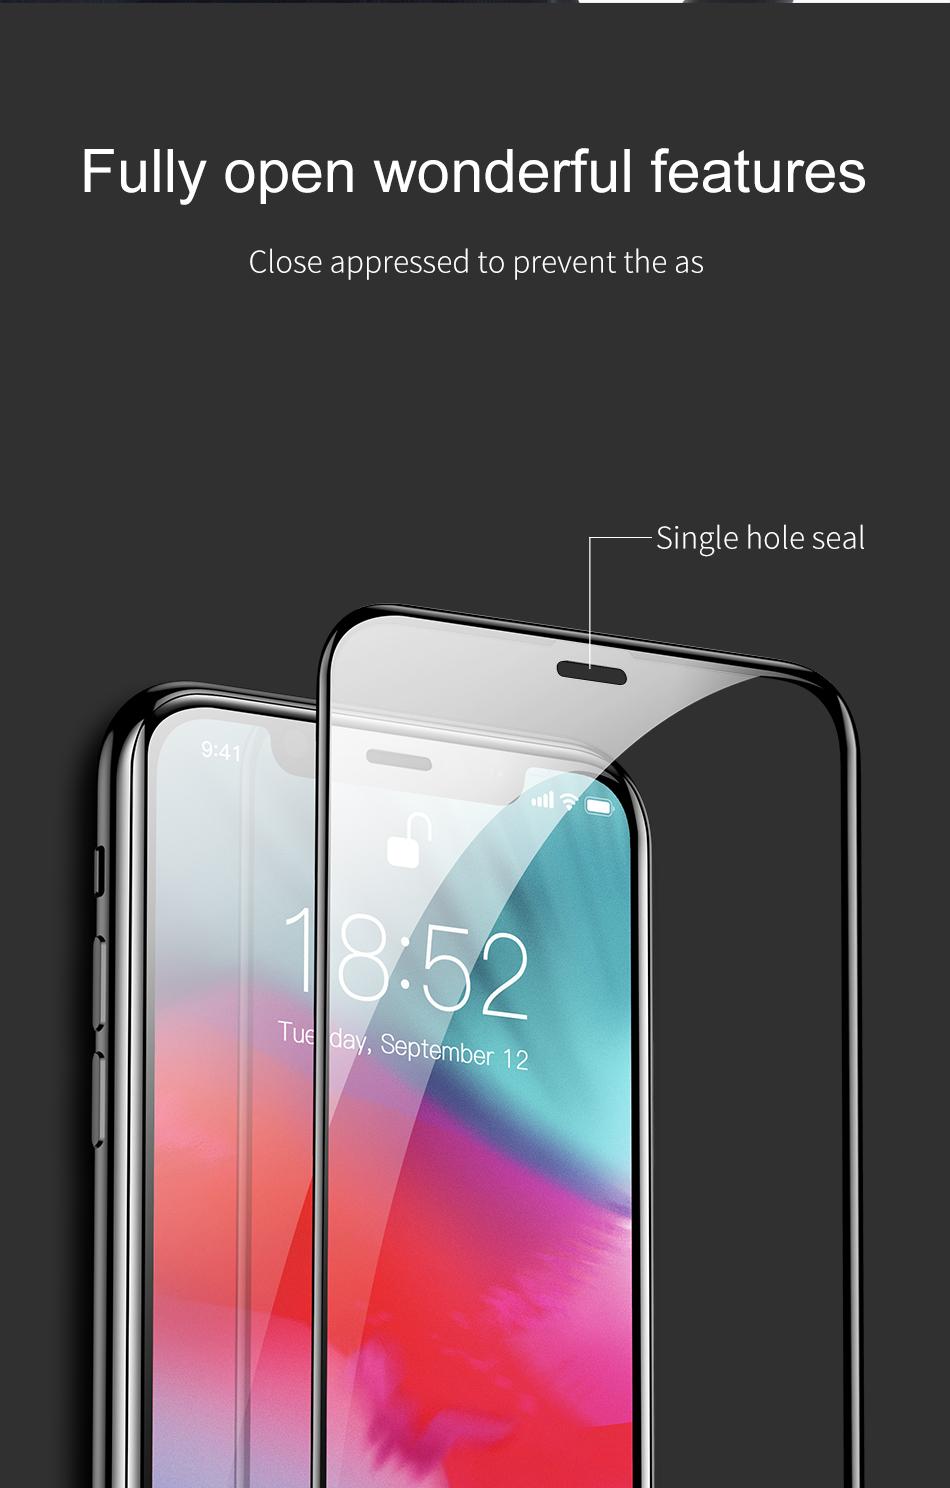 Miếng dán kính cường lự Full 3D cho iPhone 11 - 11 Pro - 11 Pro Max - iPhone X - Xs - Xs Max - XR hiệu JCPAL Canada